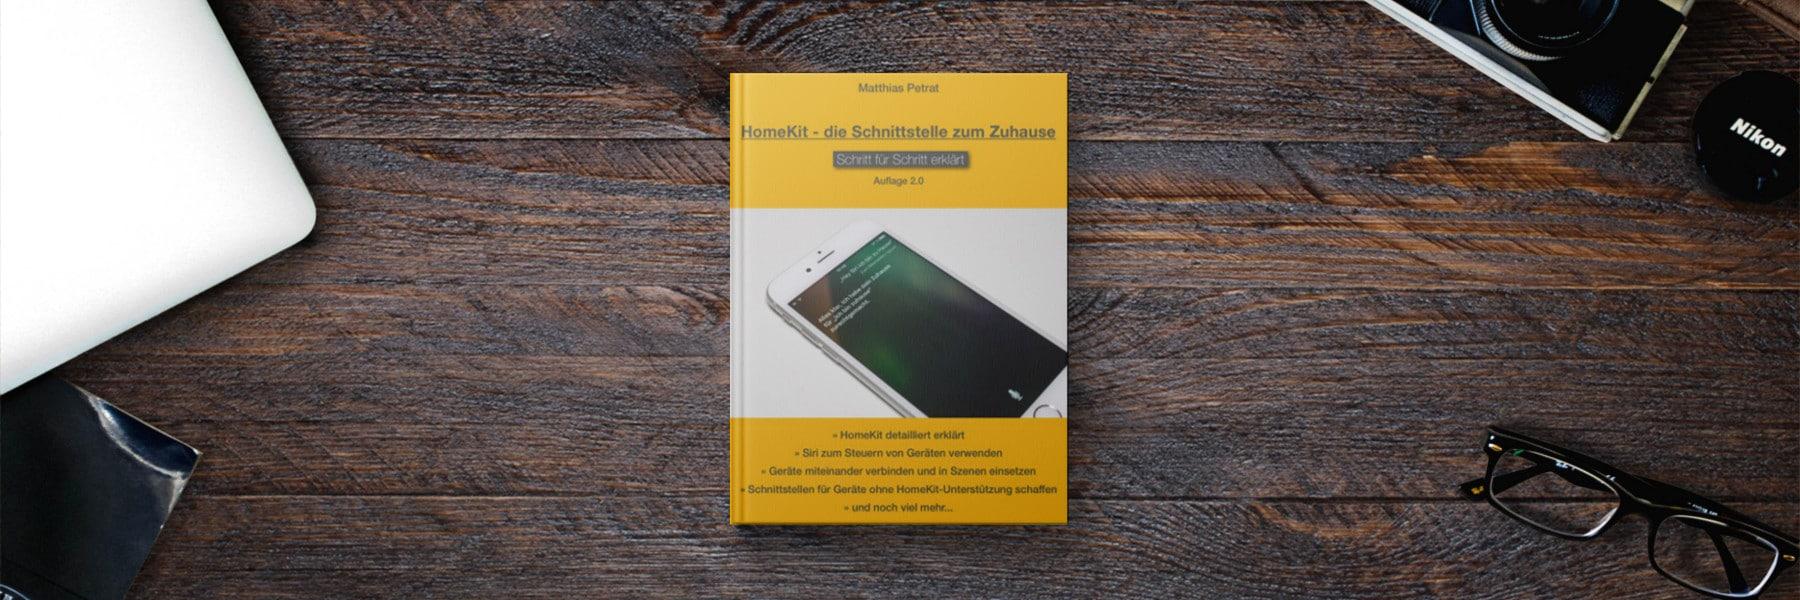 """Buch-Update: """"HomeKit – die Schnittstelle zum Zuhause"""" in neuer Auflage erschienen"""